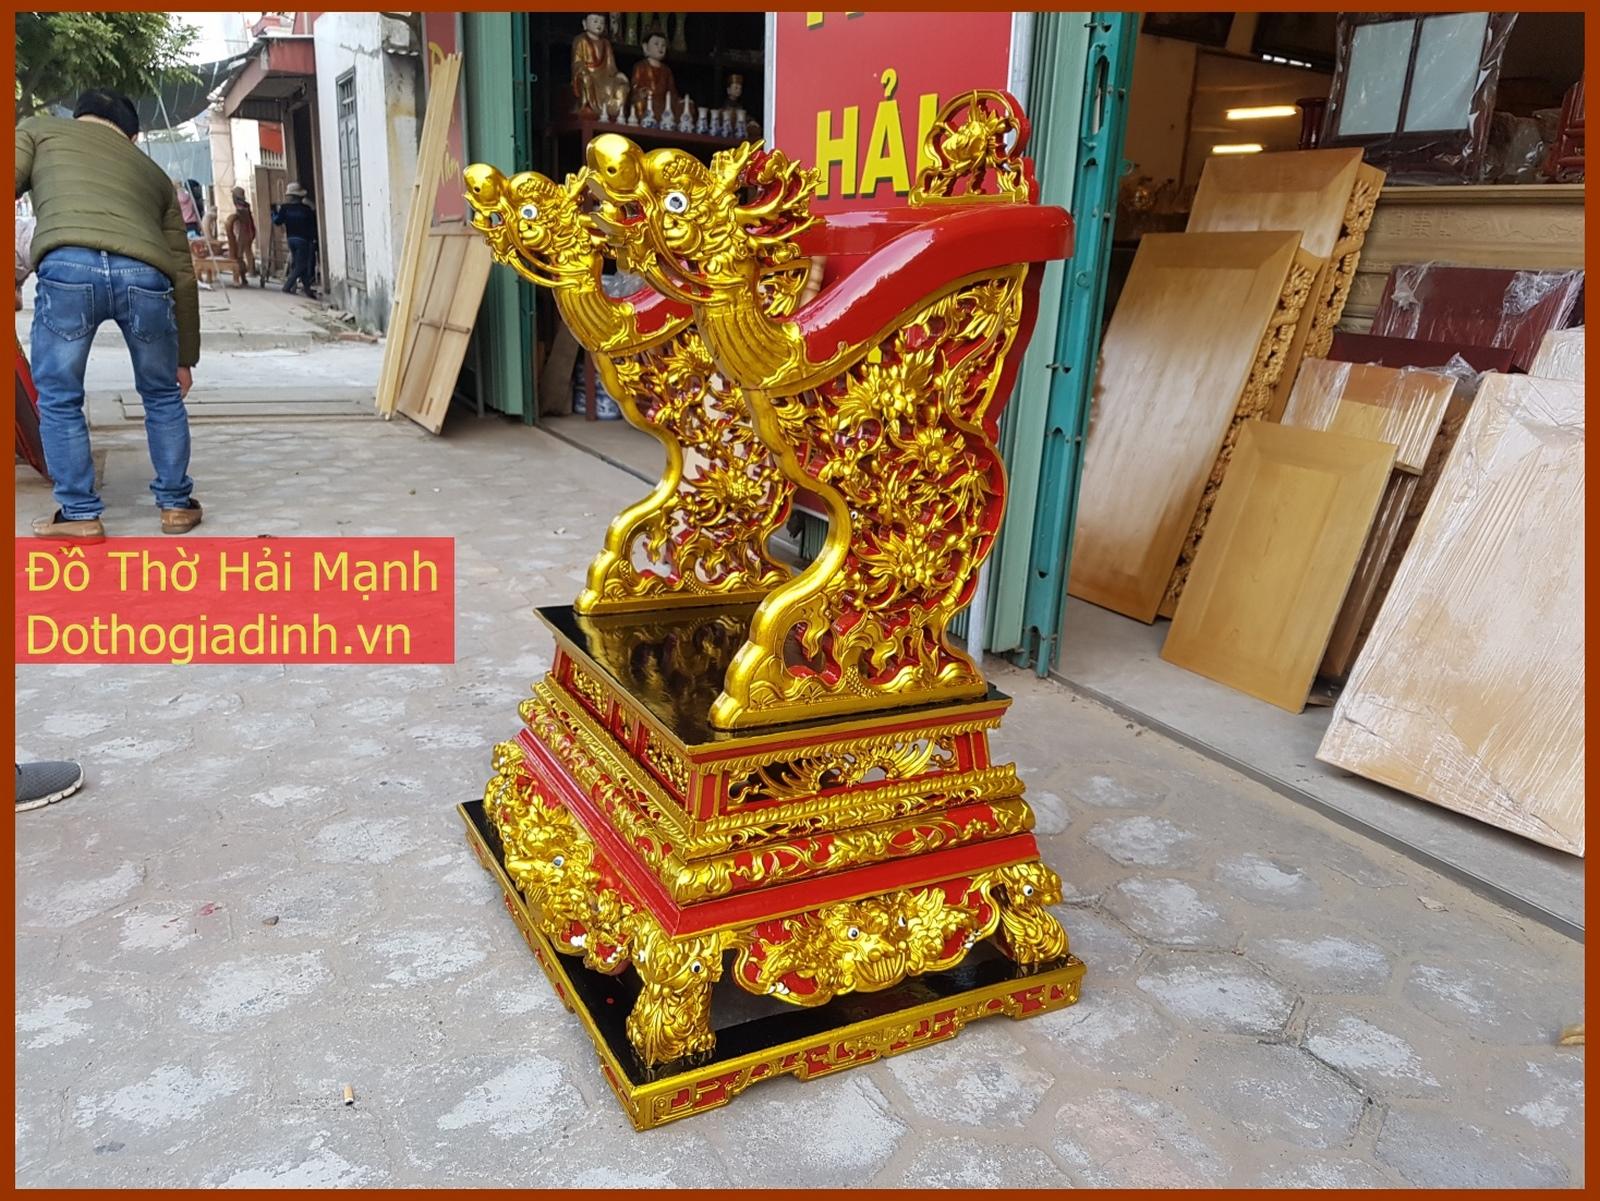 Ngai mẫu cổ Xuy Xá - dothogiadinh.vn